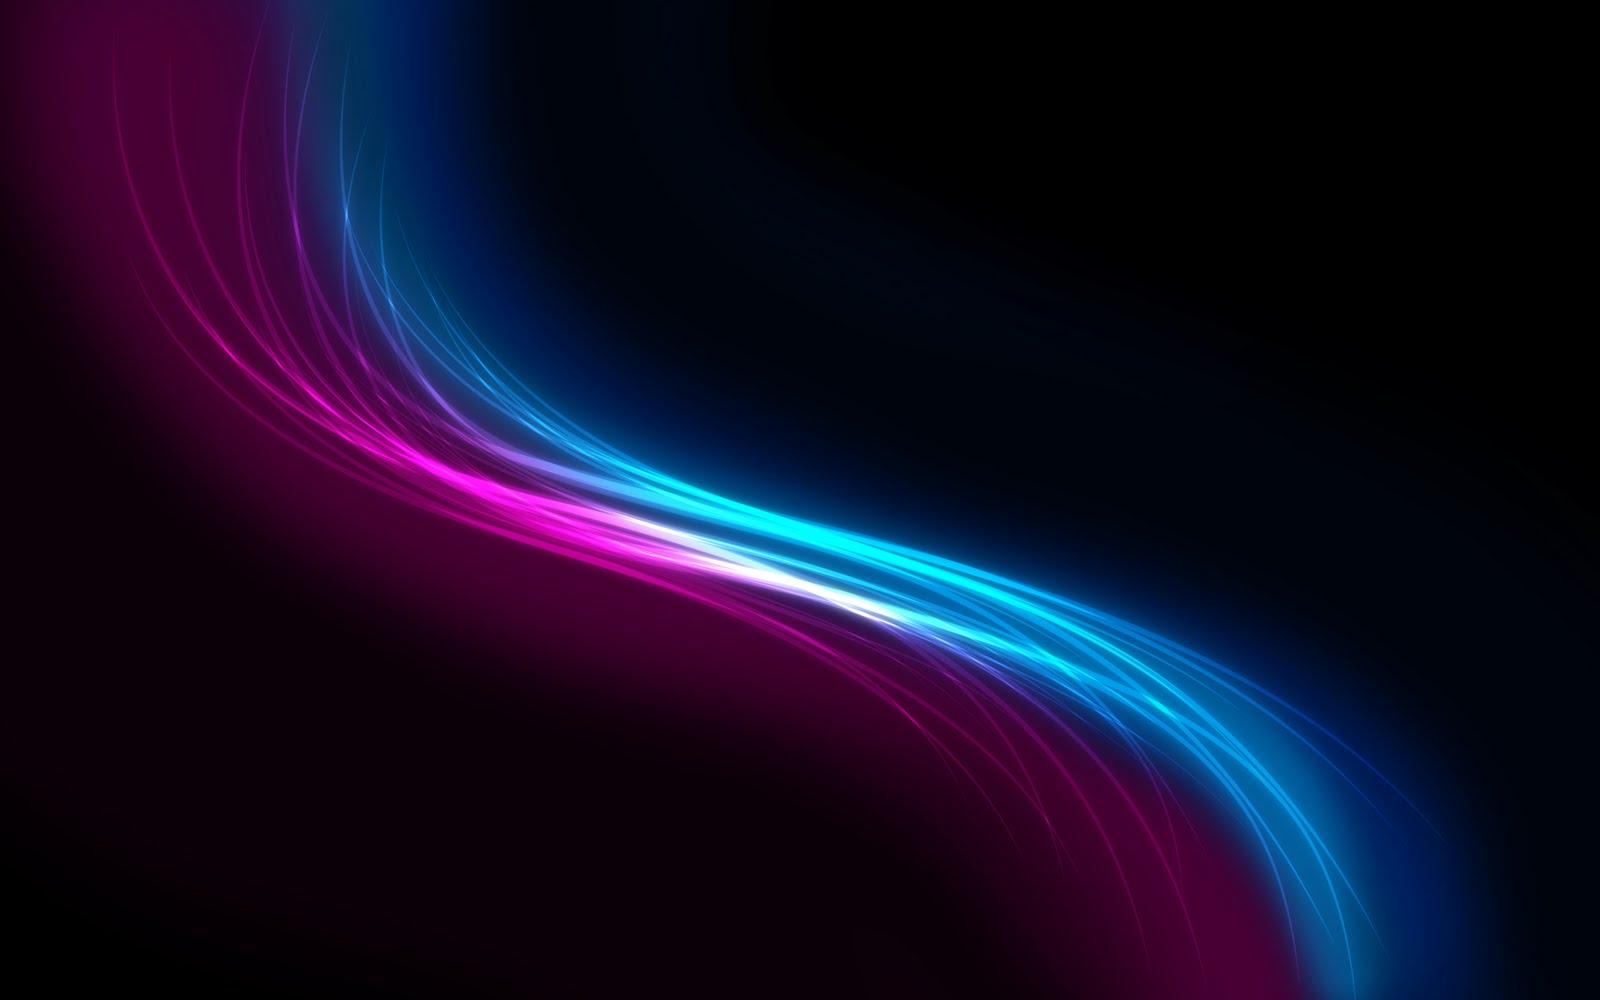 Desktop Nexus Abstract Wallpapers: Nexus 7 Wallpaper Resolution